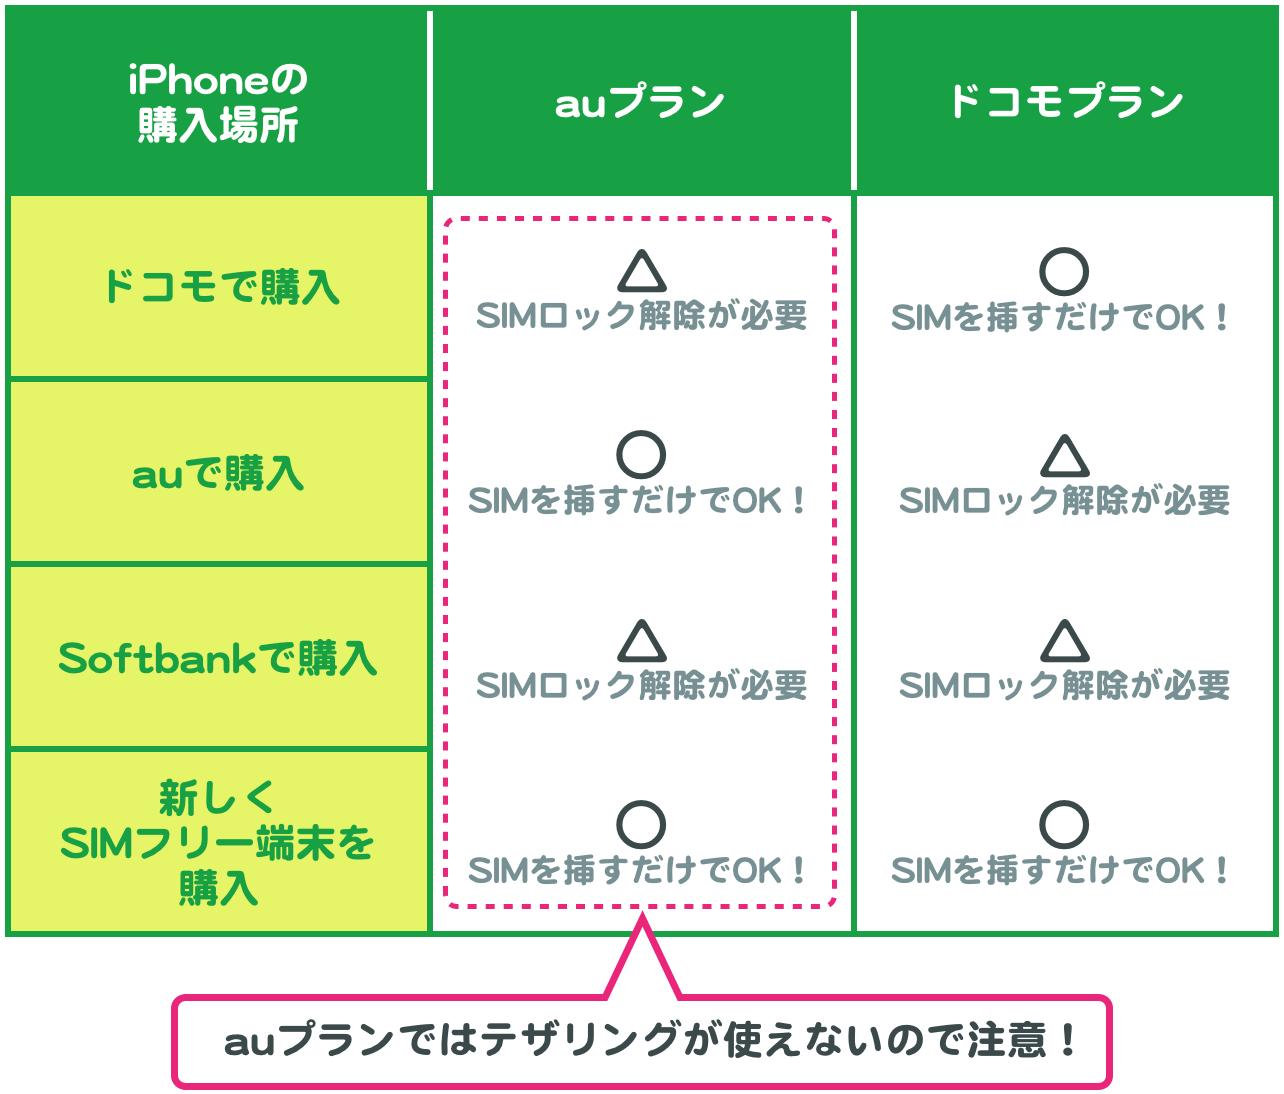 iPhoneの購入場所×回線タイプの組み合わせ表。ドコモで購入×ドコモプラン、auで購入×auプランの場合はSIMを挿すだけで使える。auで購入×ドコモプラン、ドコモで購入×auプランの場合はSIMロック解除が必要。Softbankで購入の場合必ずSIMロック解除が必要。新しくSIMフリー端末を購入した場合、auプランでもドコモプランでもSIMを挿すだけで使える。またauプランではテザリングが使えないので注意が必要。